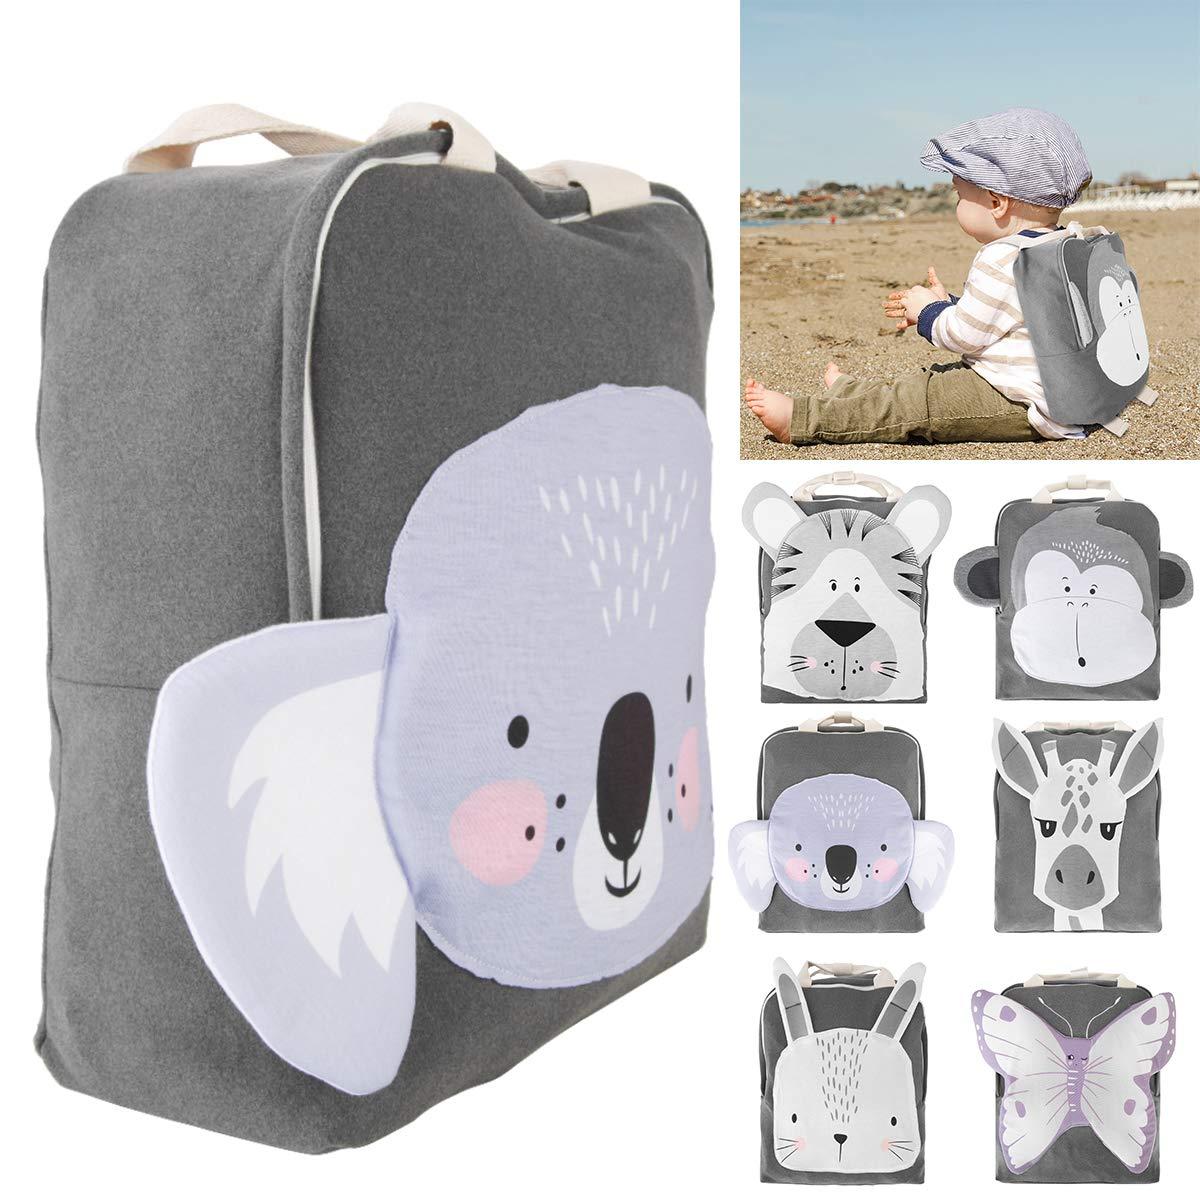 Mochila para beb/é dise/ño de animales mariposa para ni/ños de 0 a 3 a/ños Ruiqas Koala